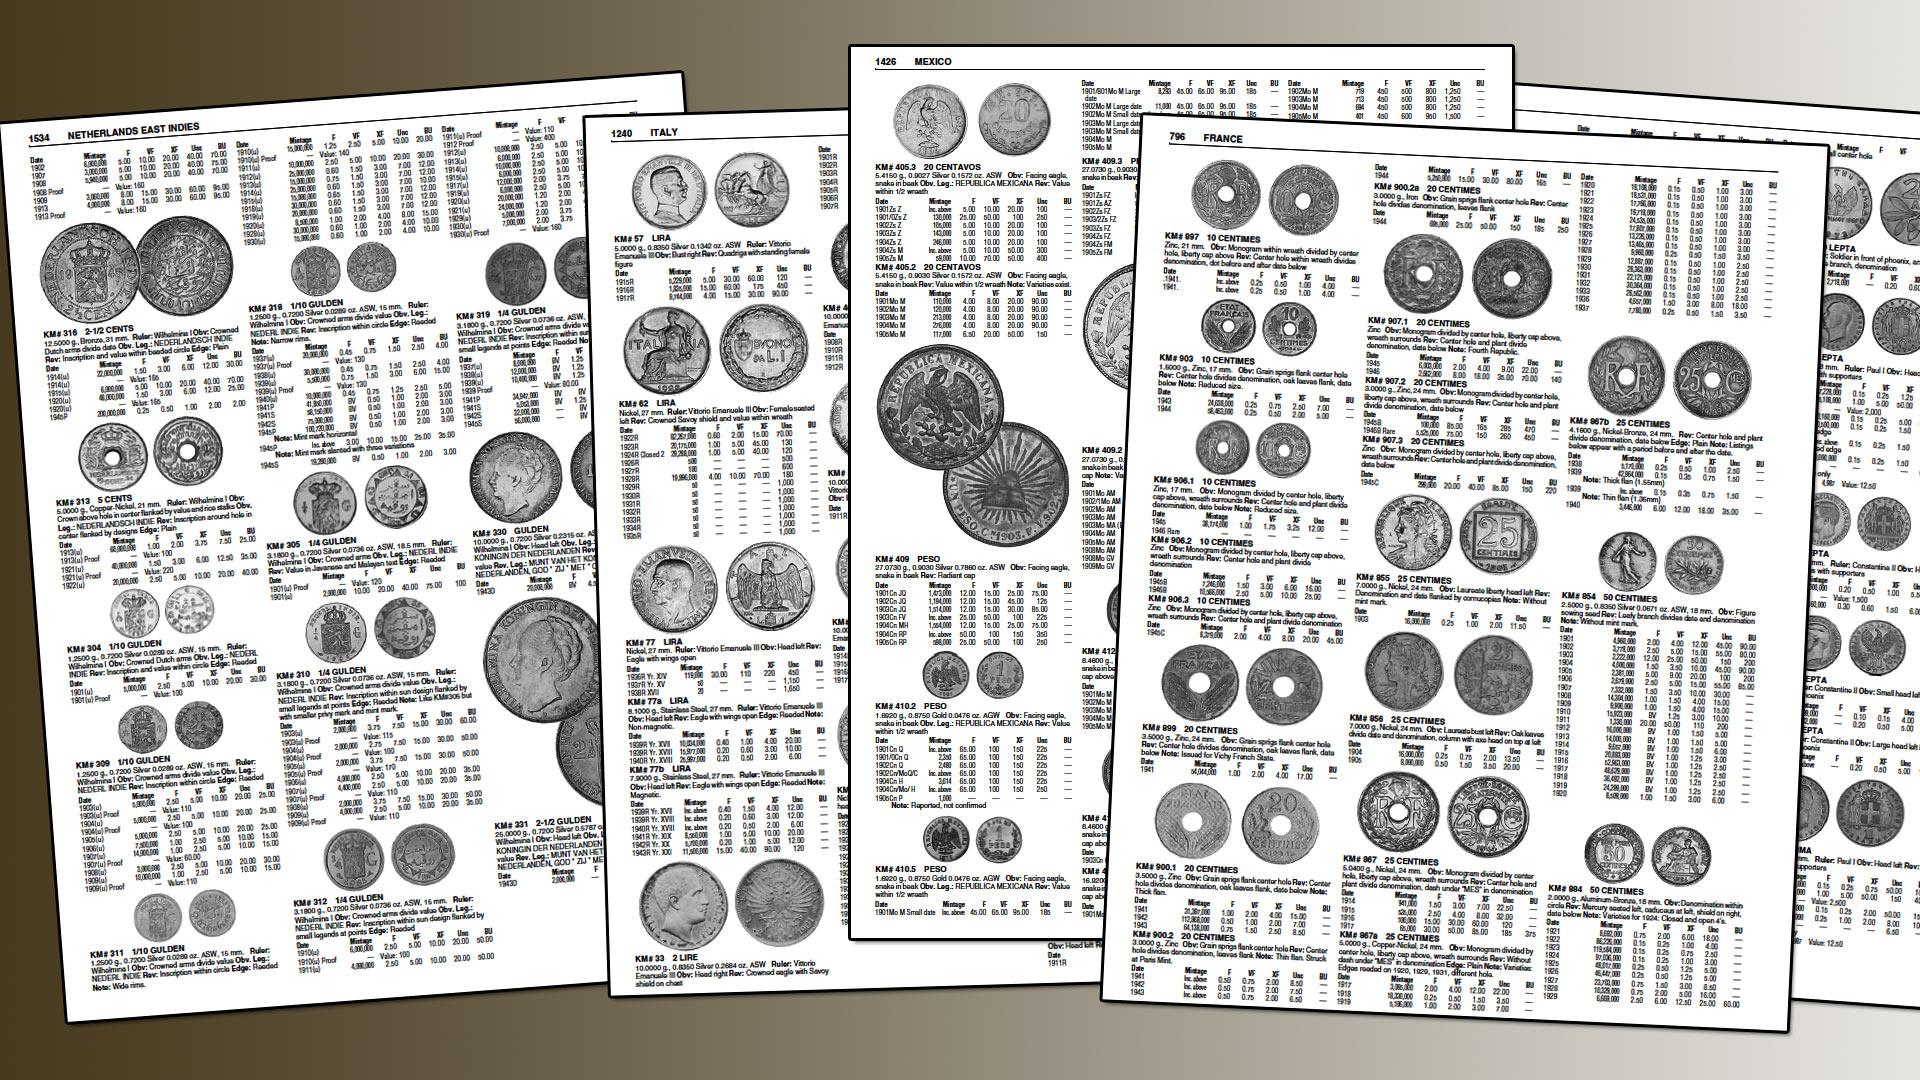 Quelques pages des World coins : les catalogues contiennent des milliers de pièces de monnaies